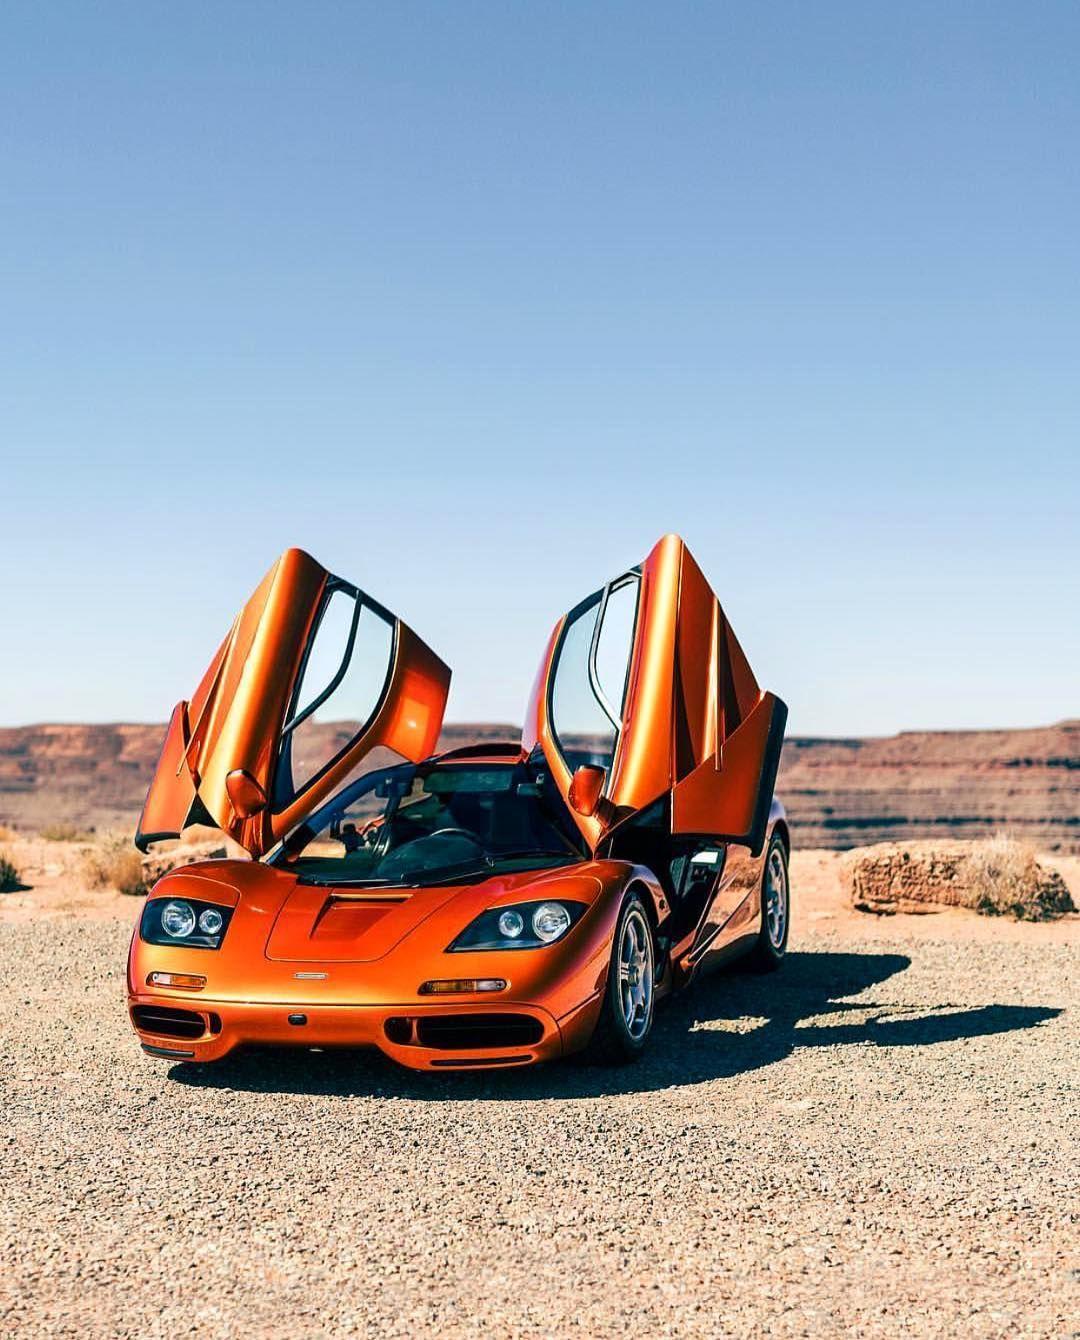 Burnt Orange Mclaren F1 Zachbrehl Super Cars Mclaren F1 Mclaren